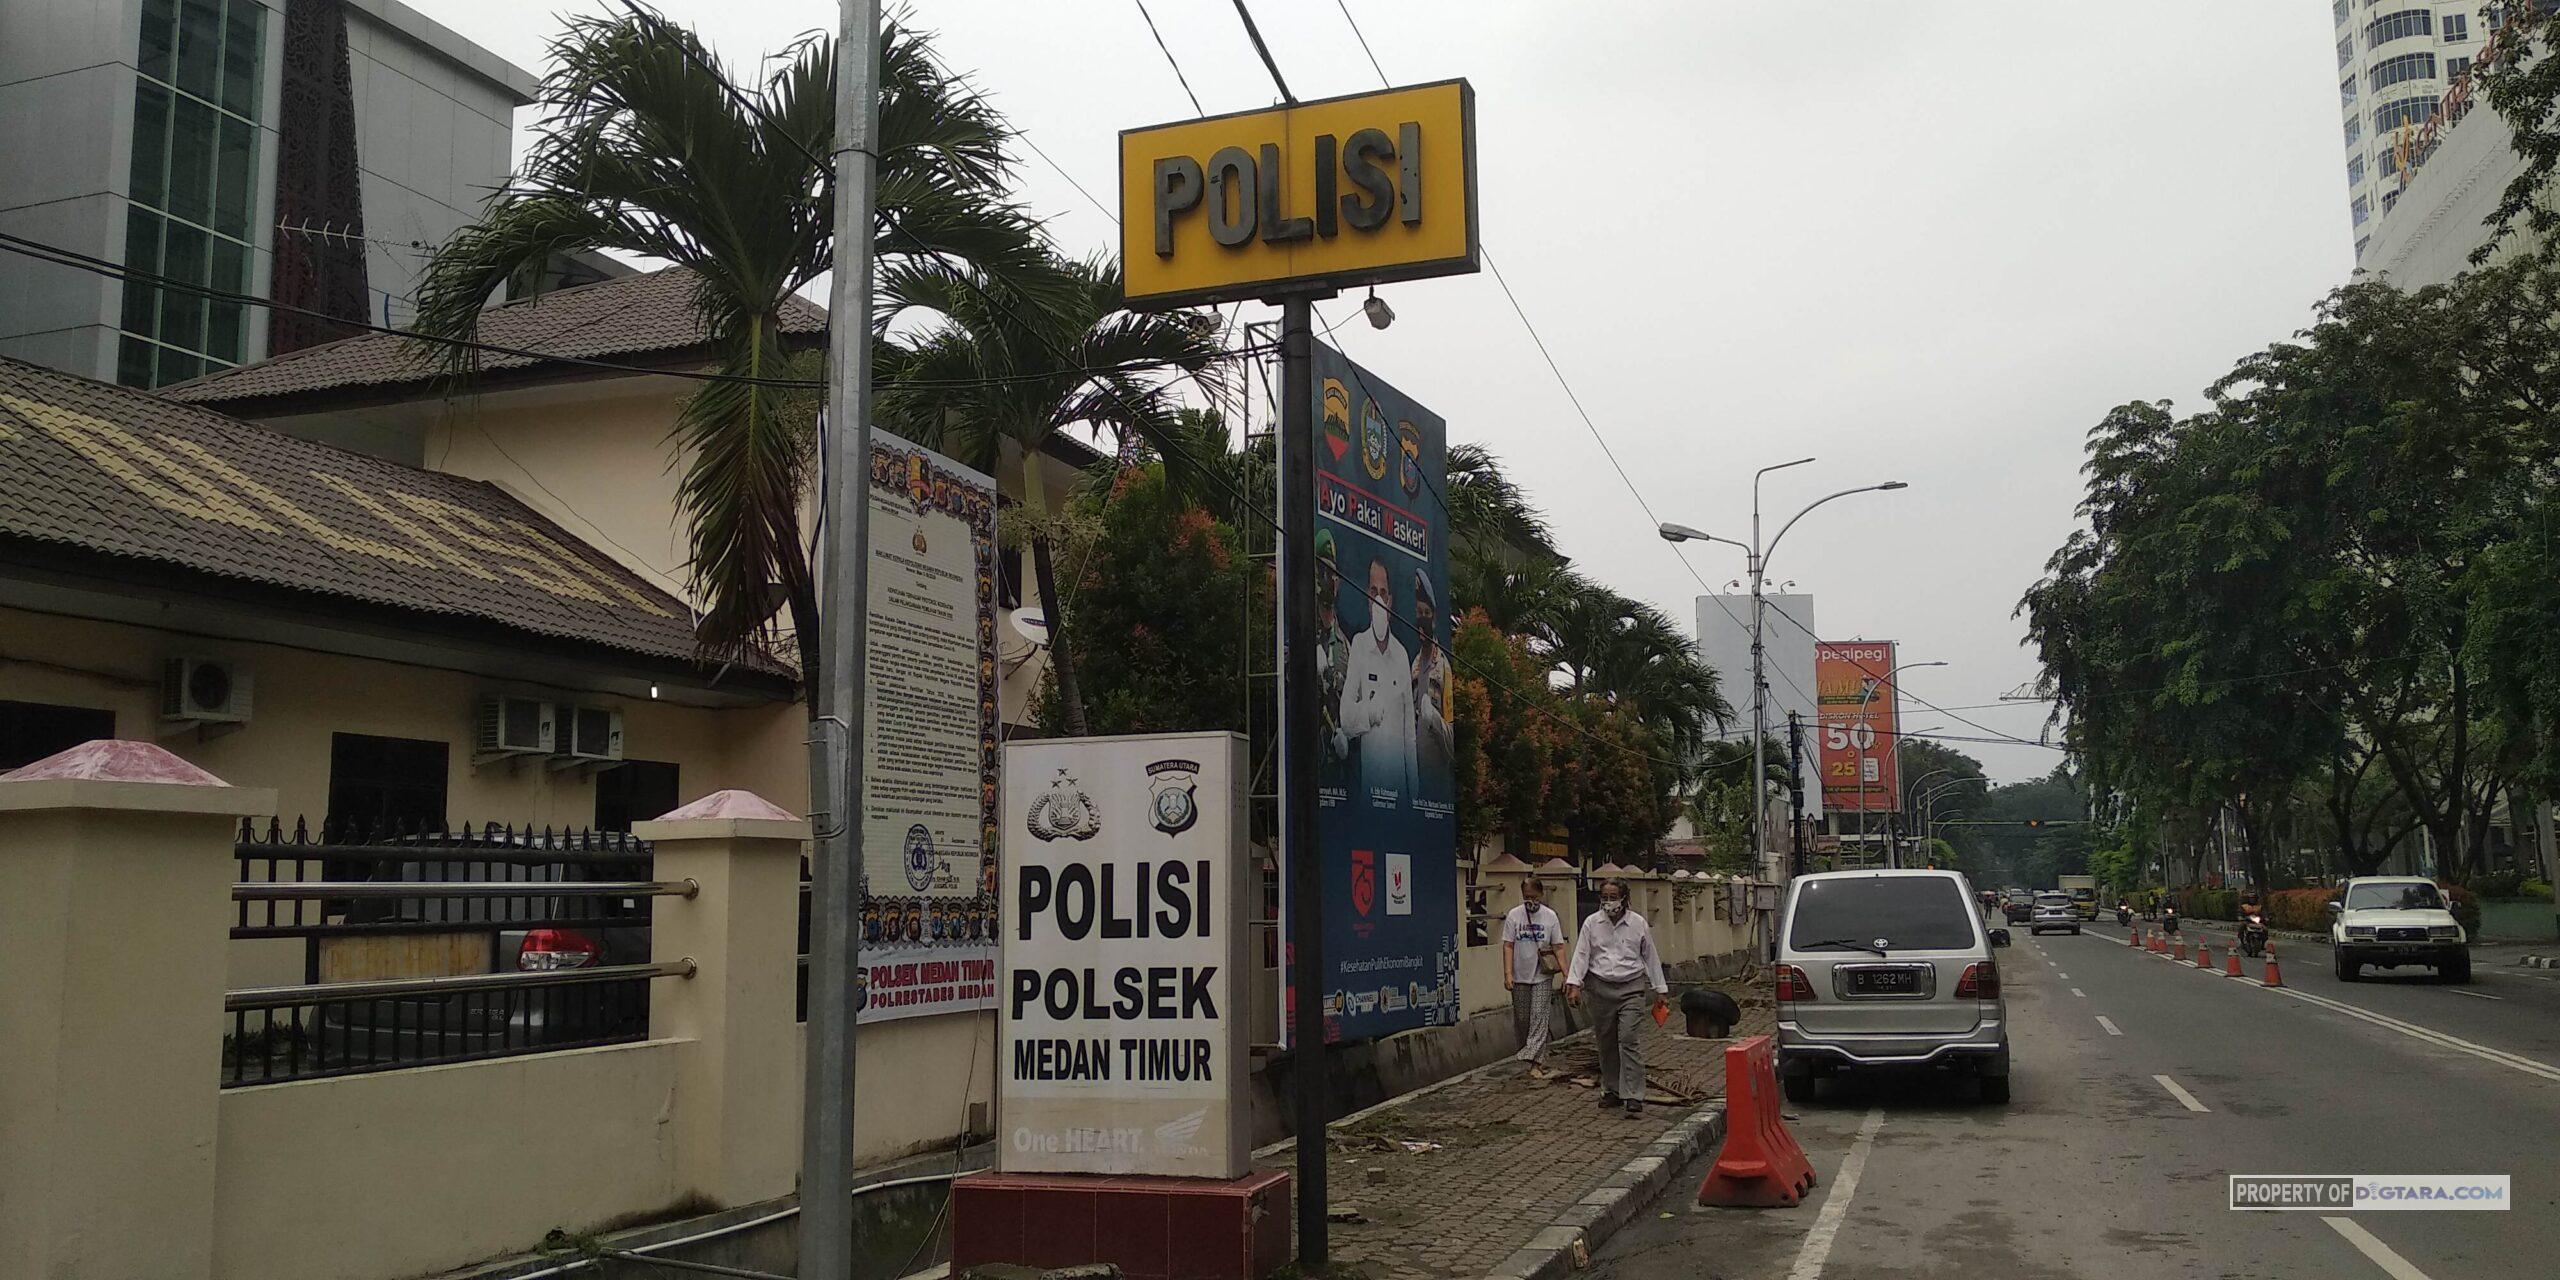 Kapolsek Medan Timur dan Anggotanya Diperiksa Propam Polrestabes Medan